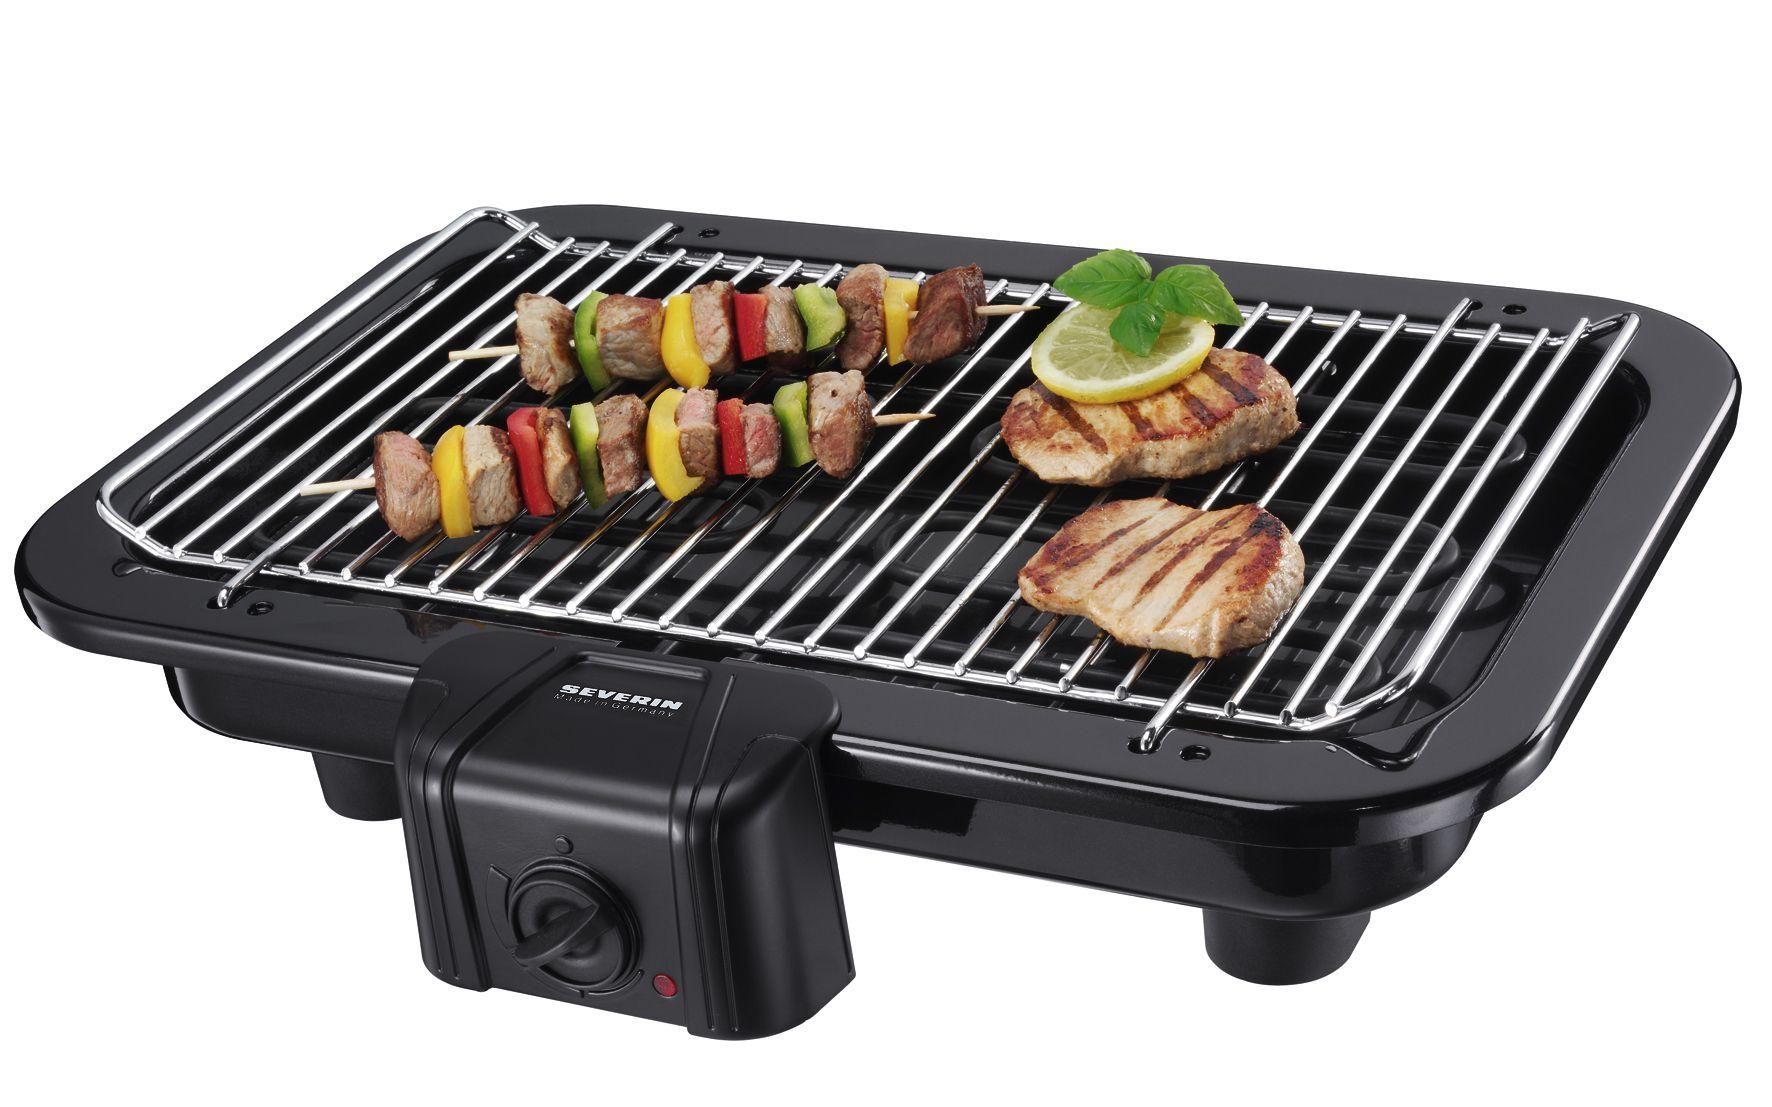 Severin Pg 2791 Barbecue Elektrogrill Schwarz : Barbacoa 2790 potencia 2500 w capacidad aprox. 1066 cm² dimensiones